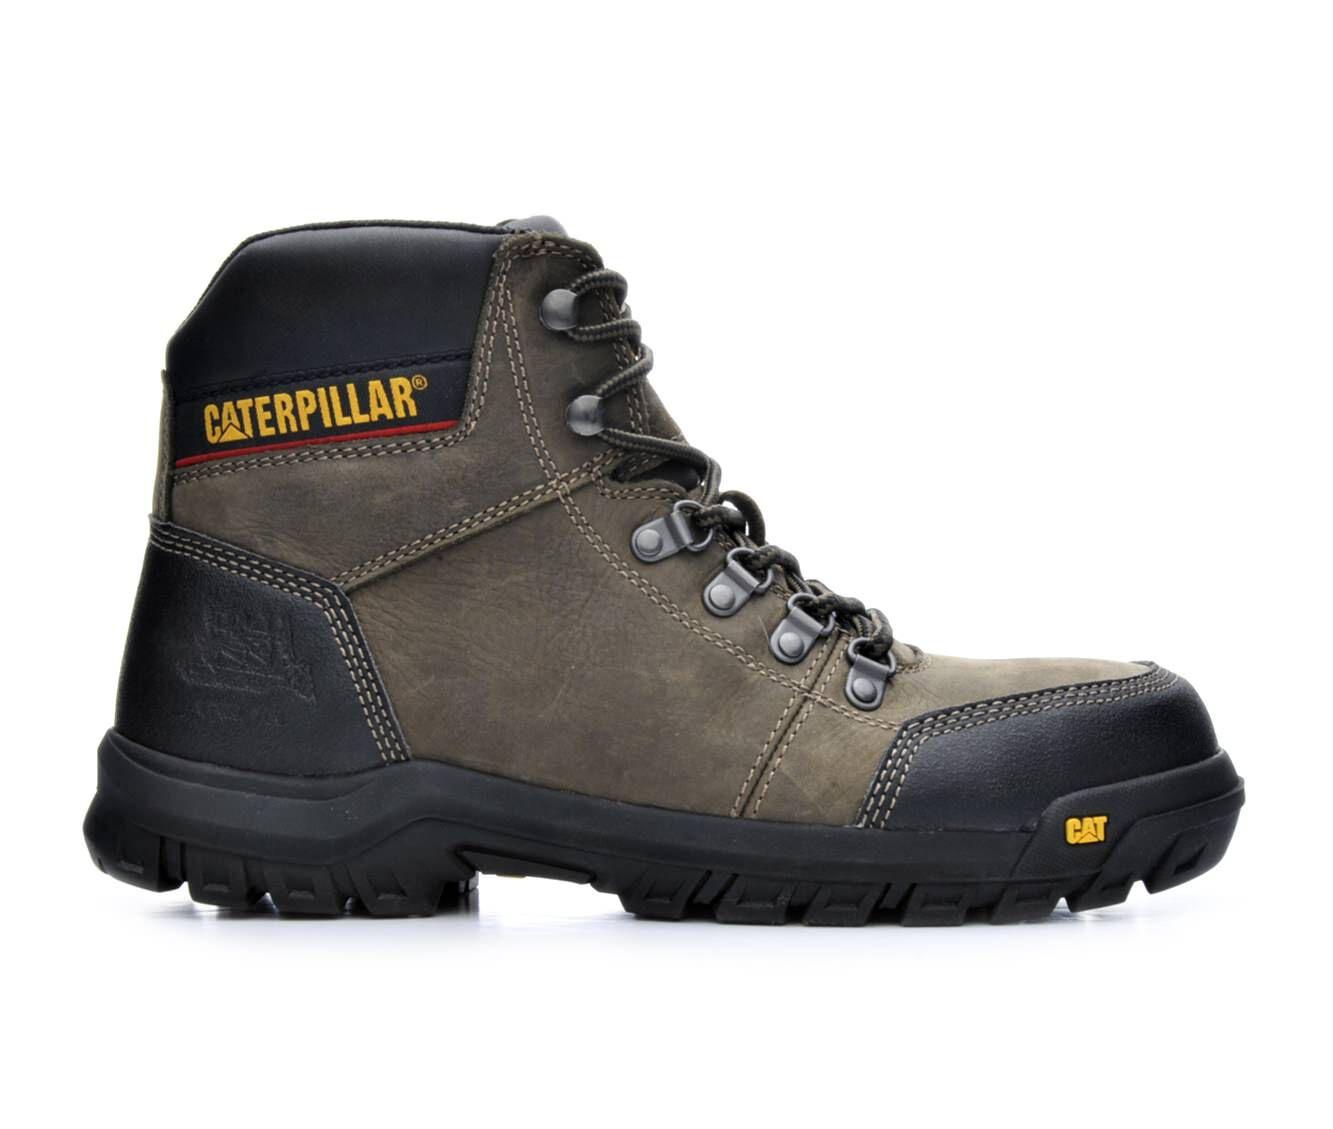 Men's Caterpillar Outline Steel Toe